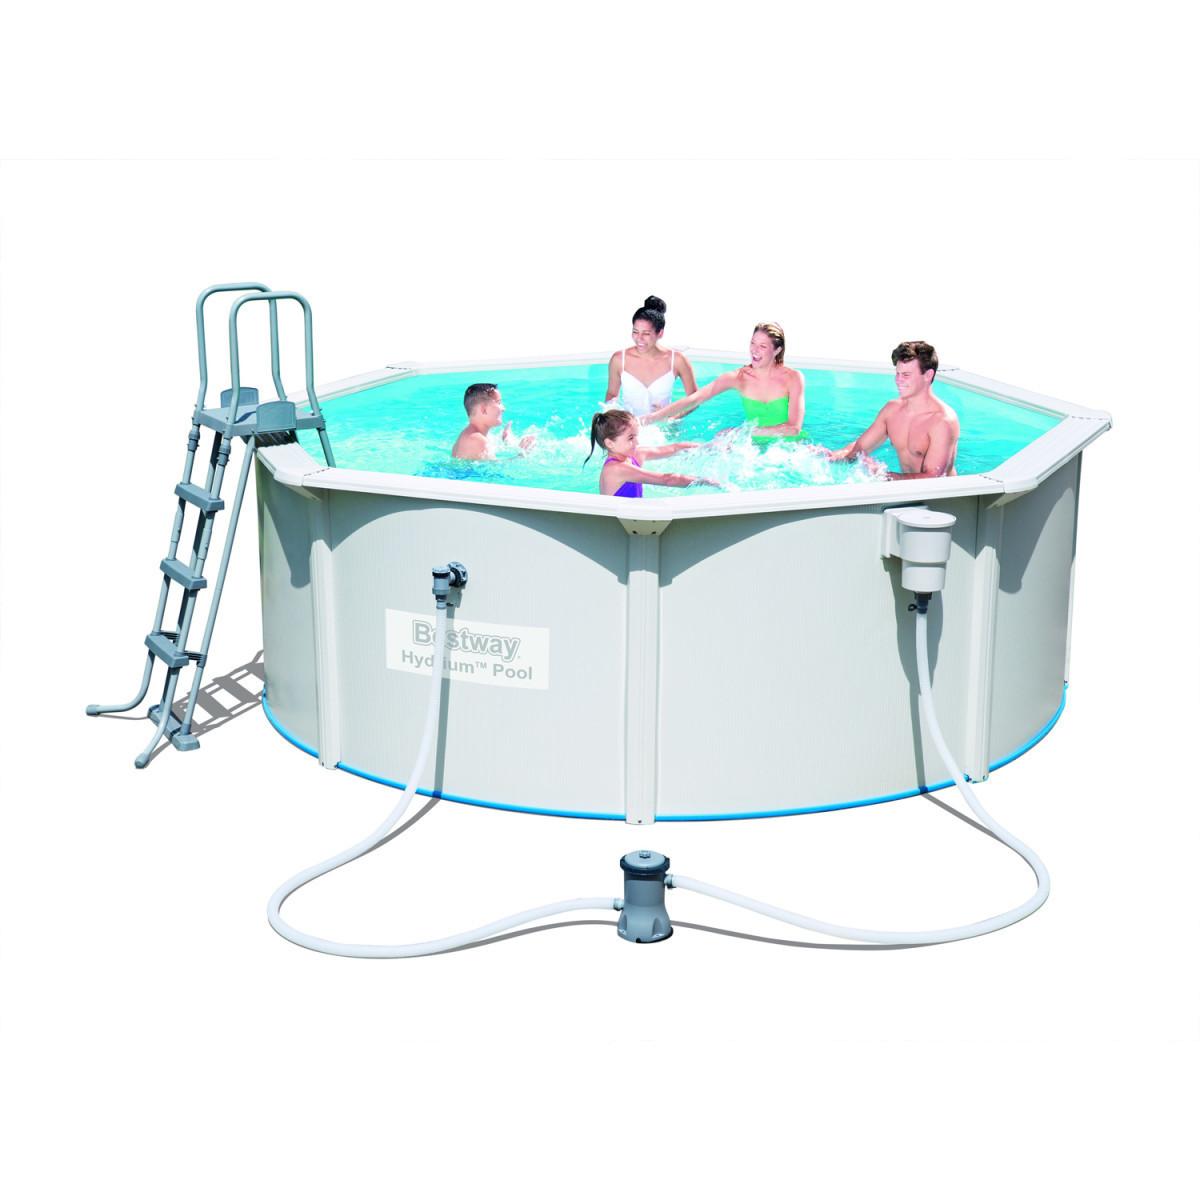 c95bd0bfa6c58 Сборный бассейн Bestway Hydrium 56571 (360x120) с картриджным фильтром -  VIKstore Интернет - магазин